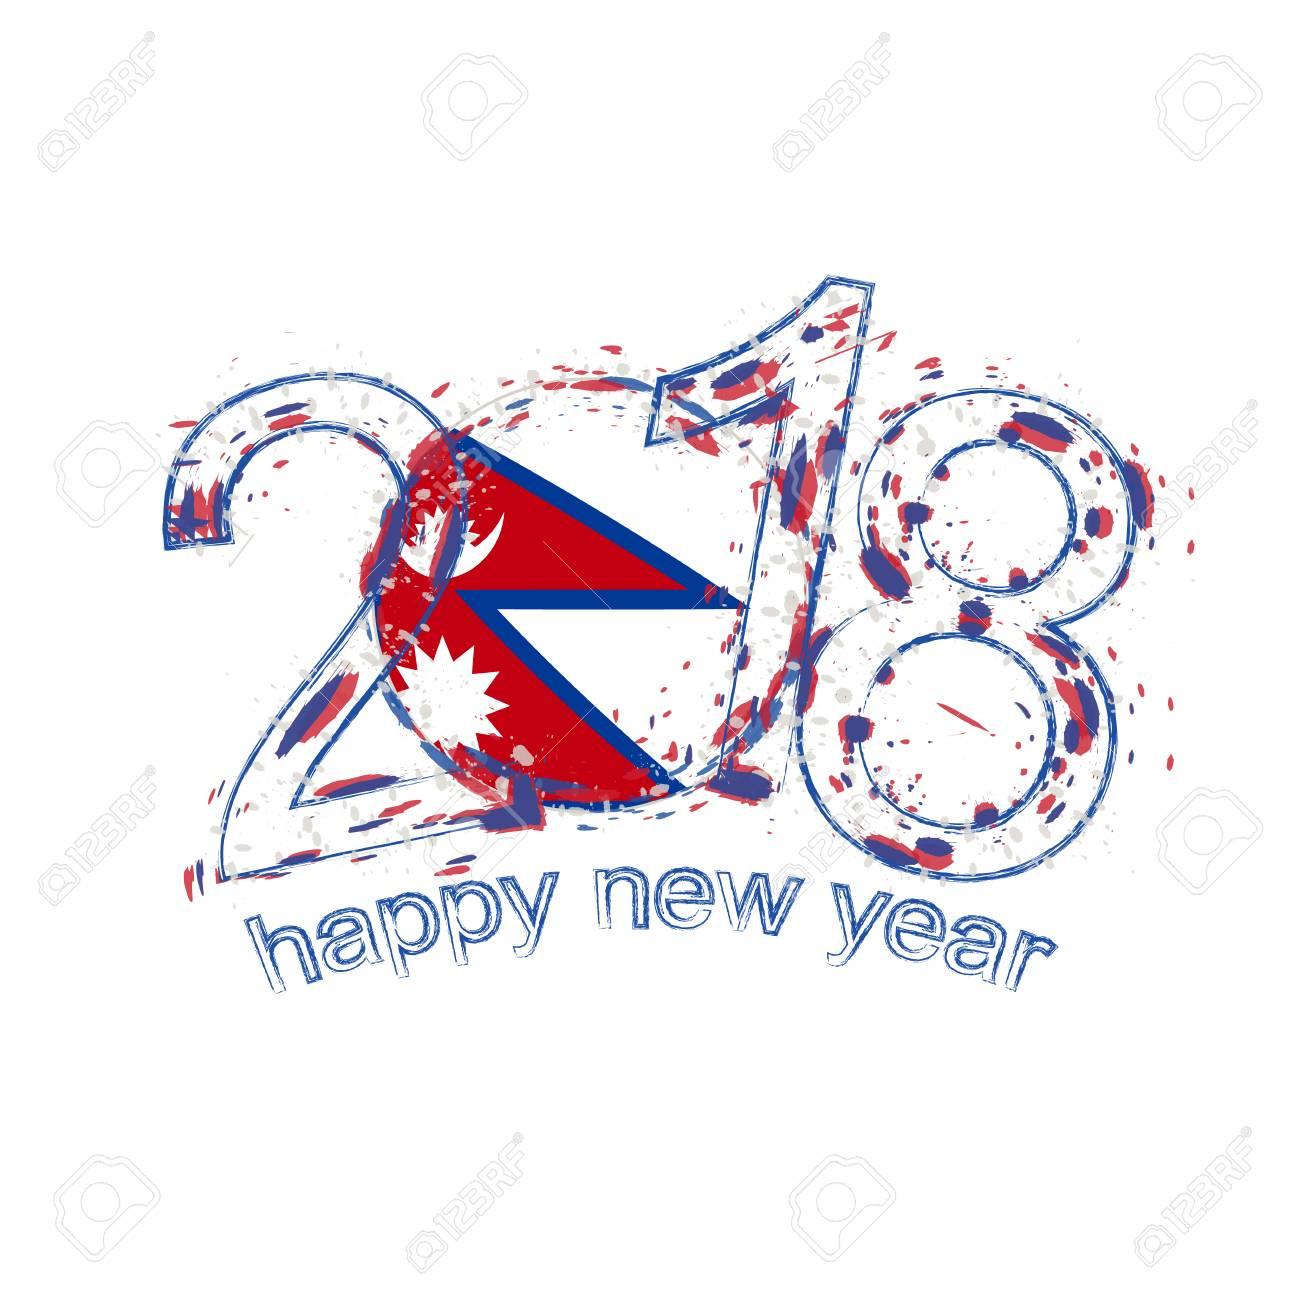 2018 Frohes Neues Jahr Nepal Grunge Vektor Vorlage Für Grußkarten ...